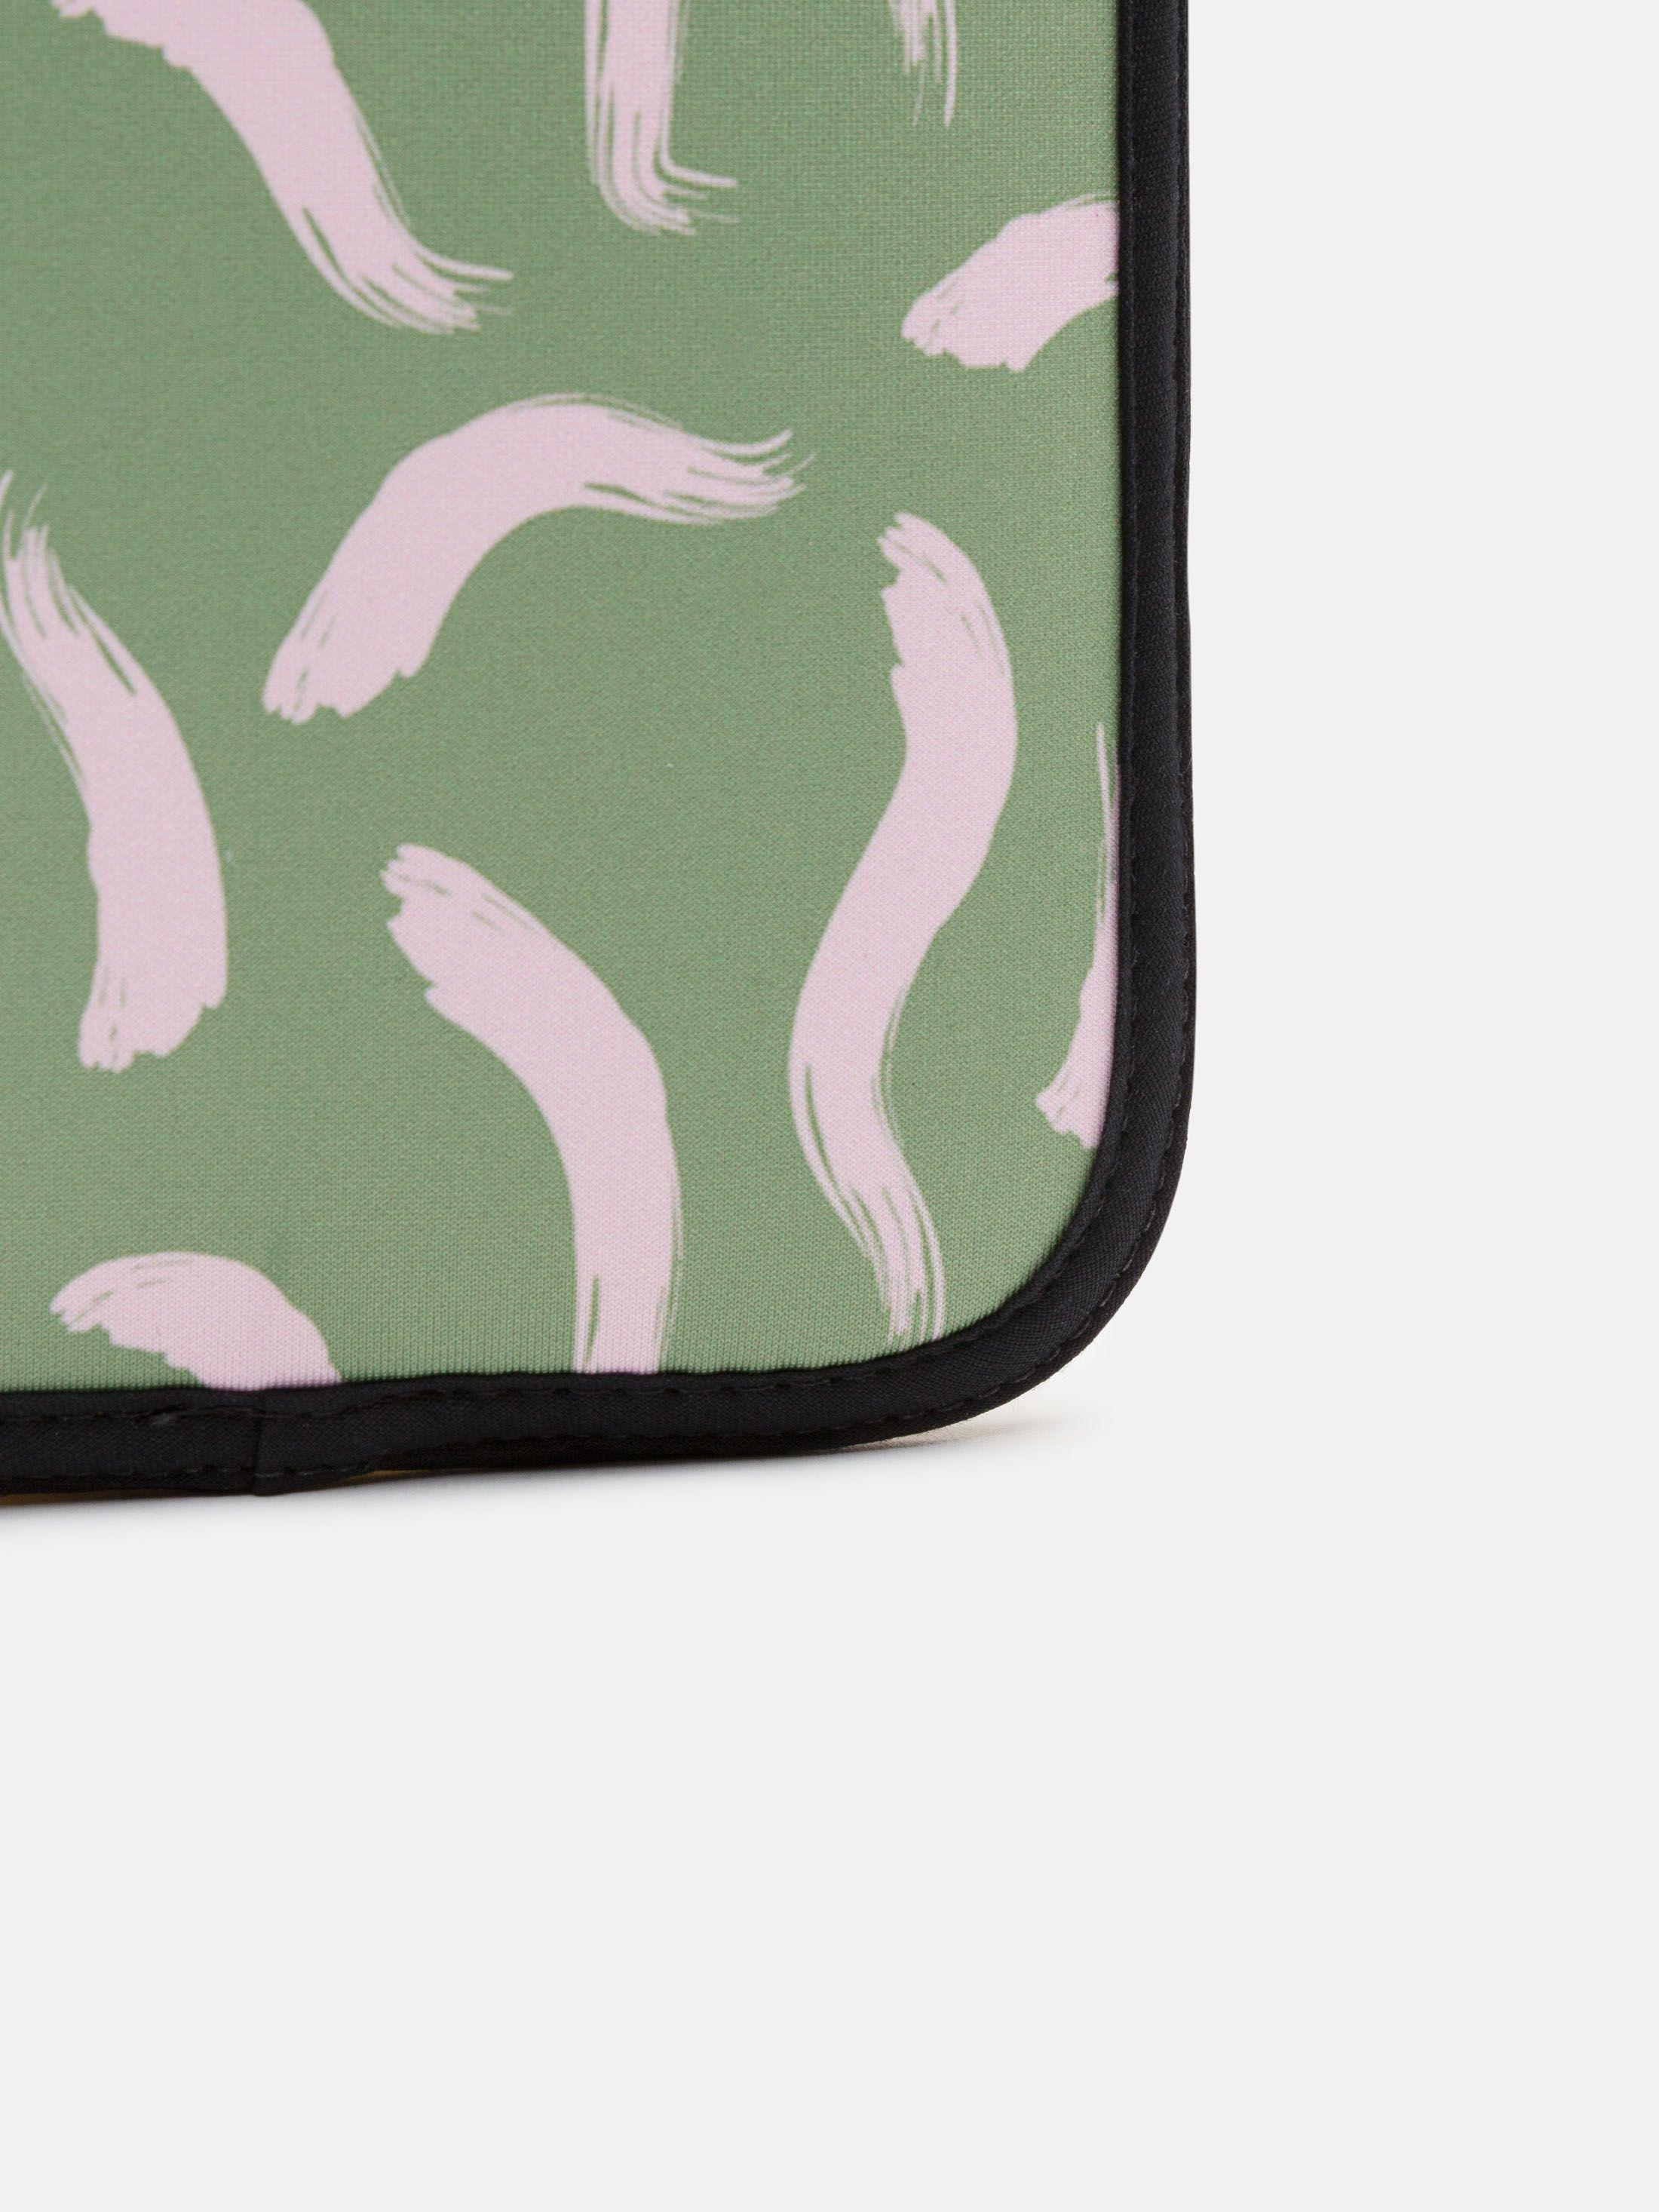 iPadミニ用カバーにデザイン印刷